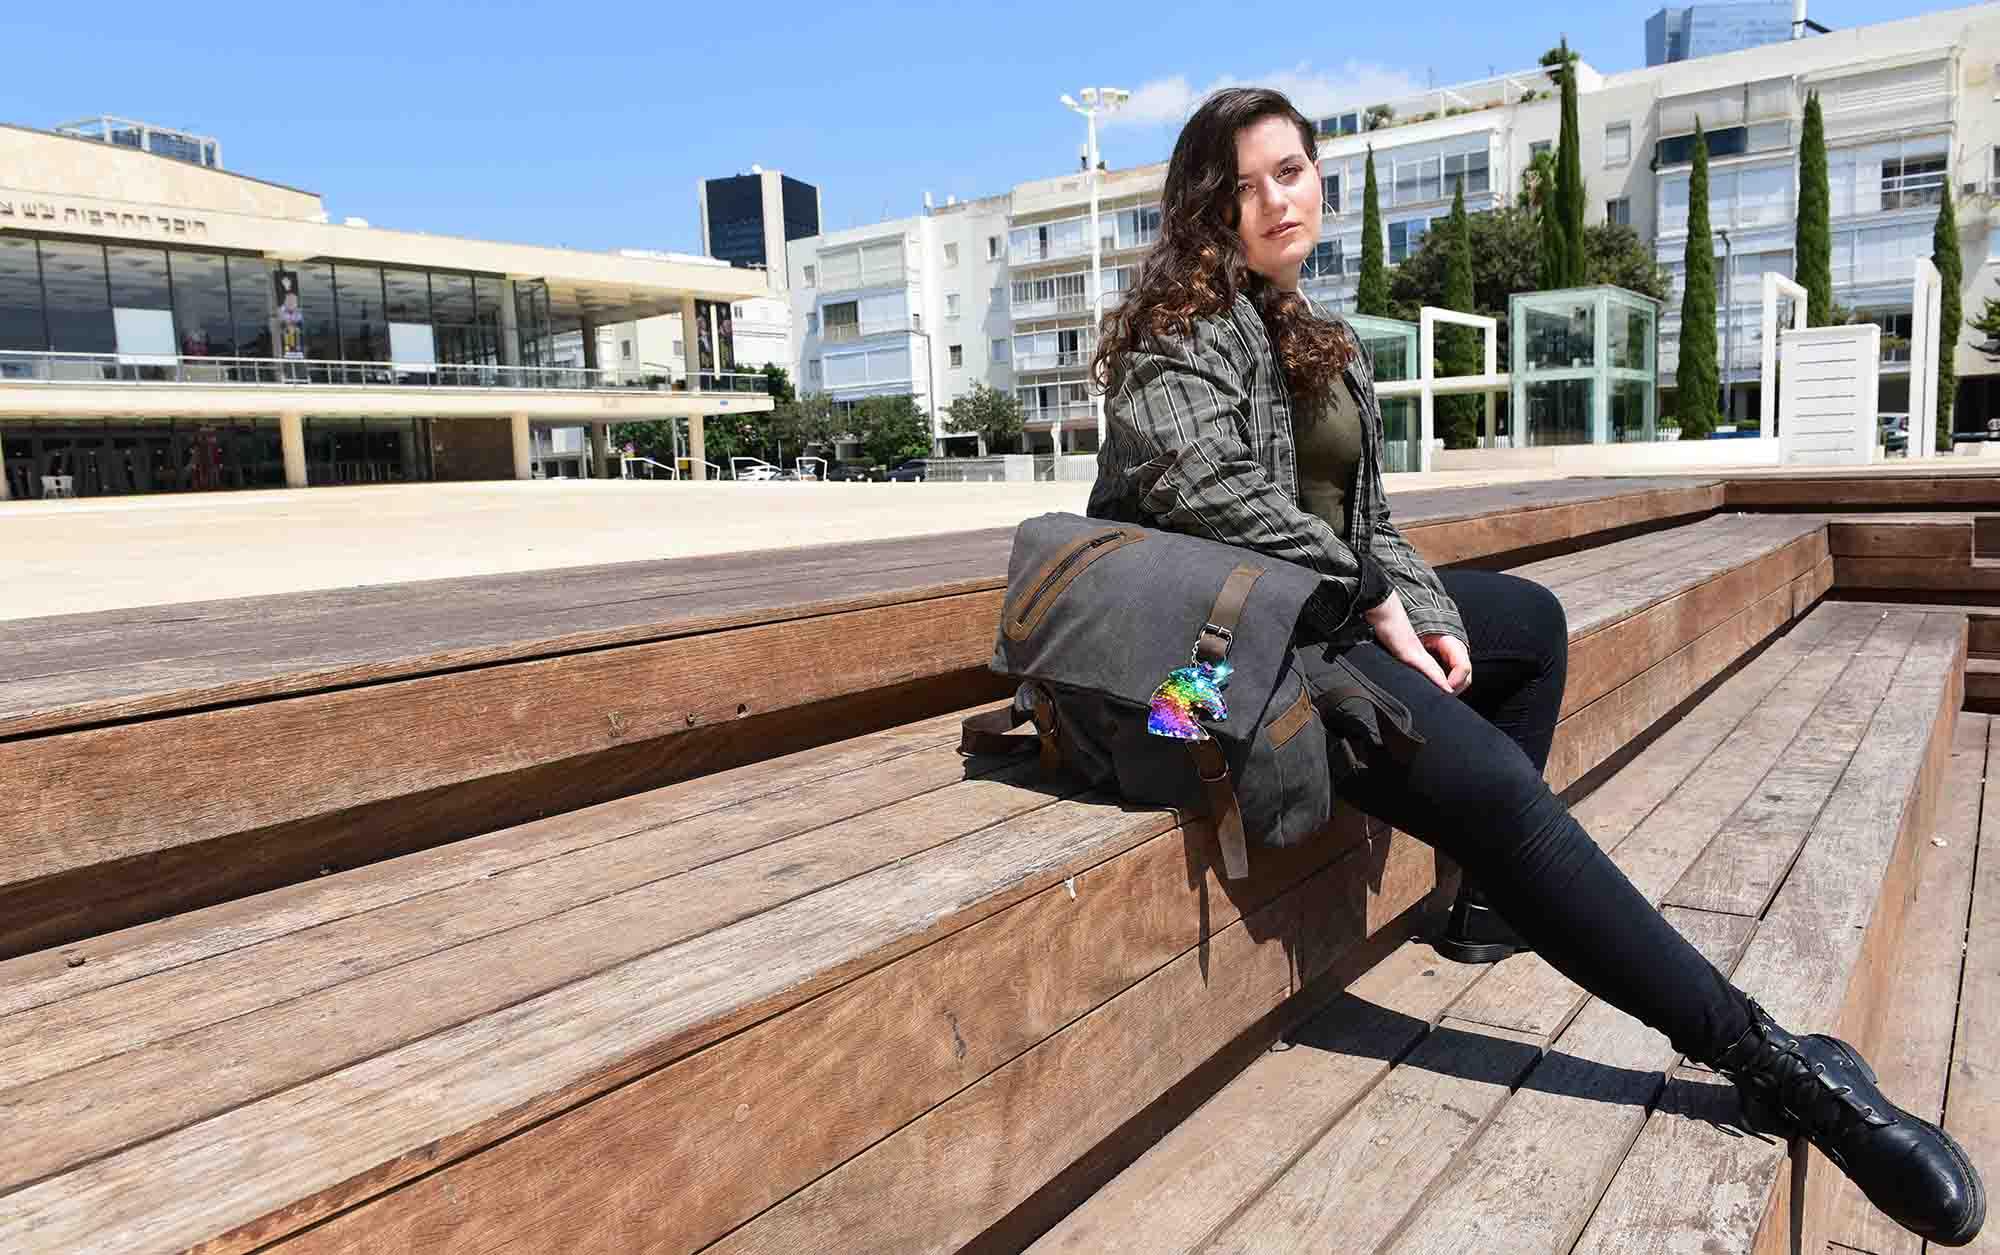 תמרה גראוס - - Fashion Israel - 2020 חדשות אופנה 2020, כתבות אופנה 2020, טרנדים 2020, מגזין אופנה ישראלי, אופנה - 1